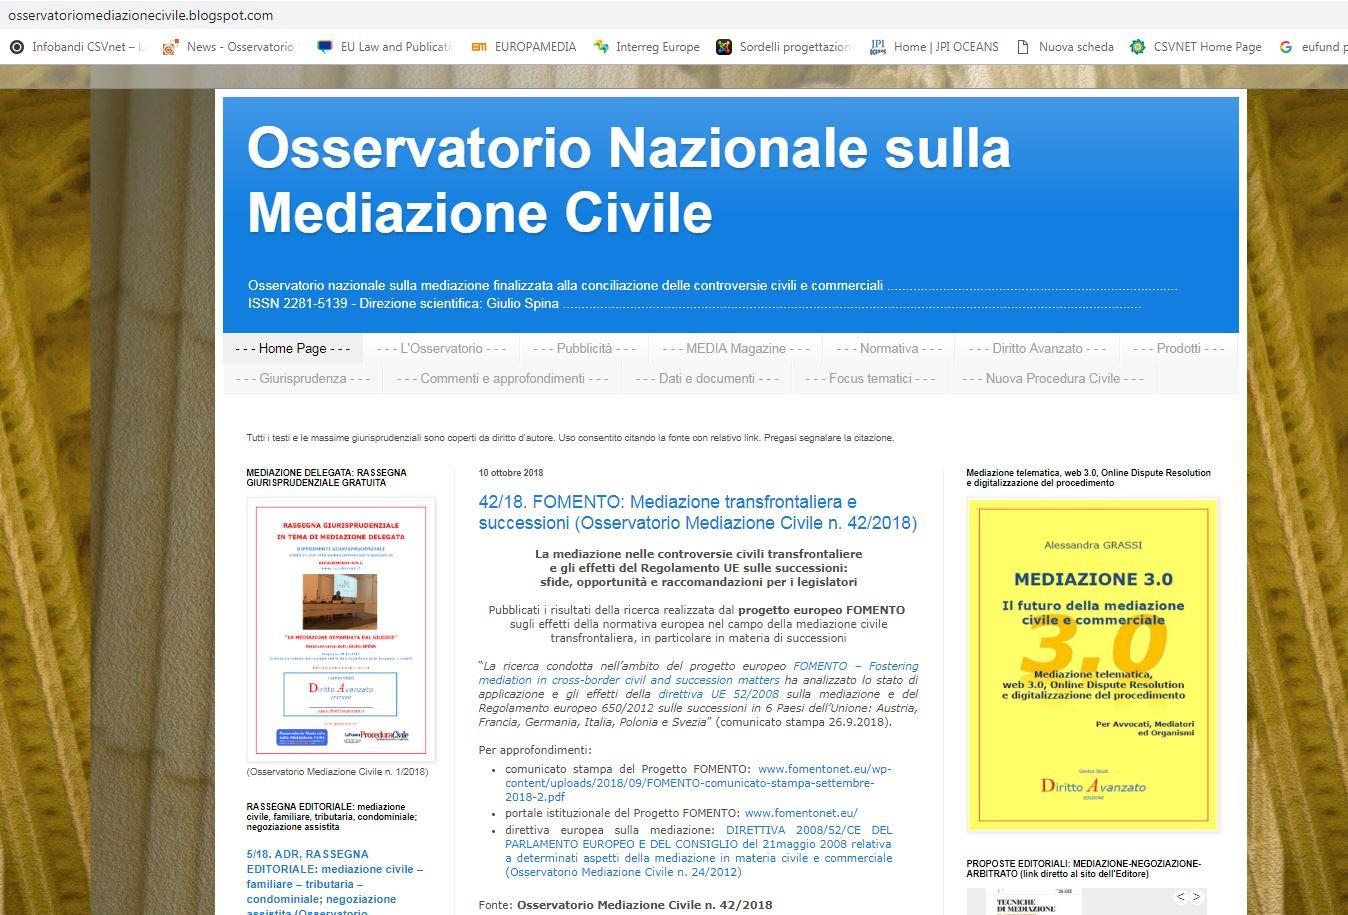 Osservatorio Nazionale sulla Mediazione Civile: pubblicati i risultati della ricerca realizzata dal progetto europeo FOMENTO